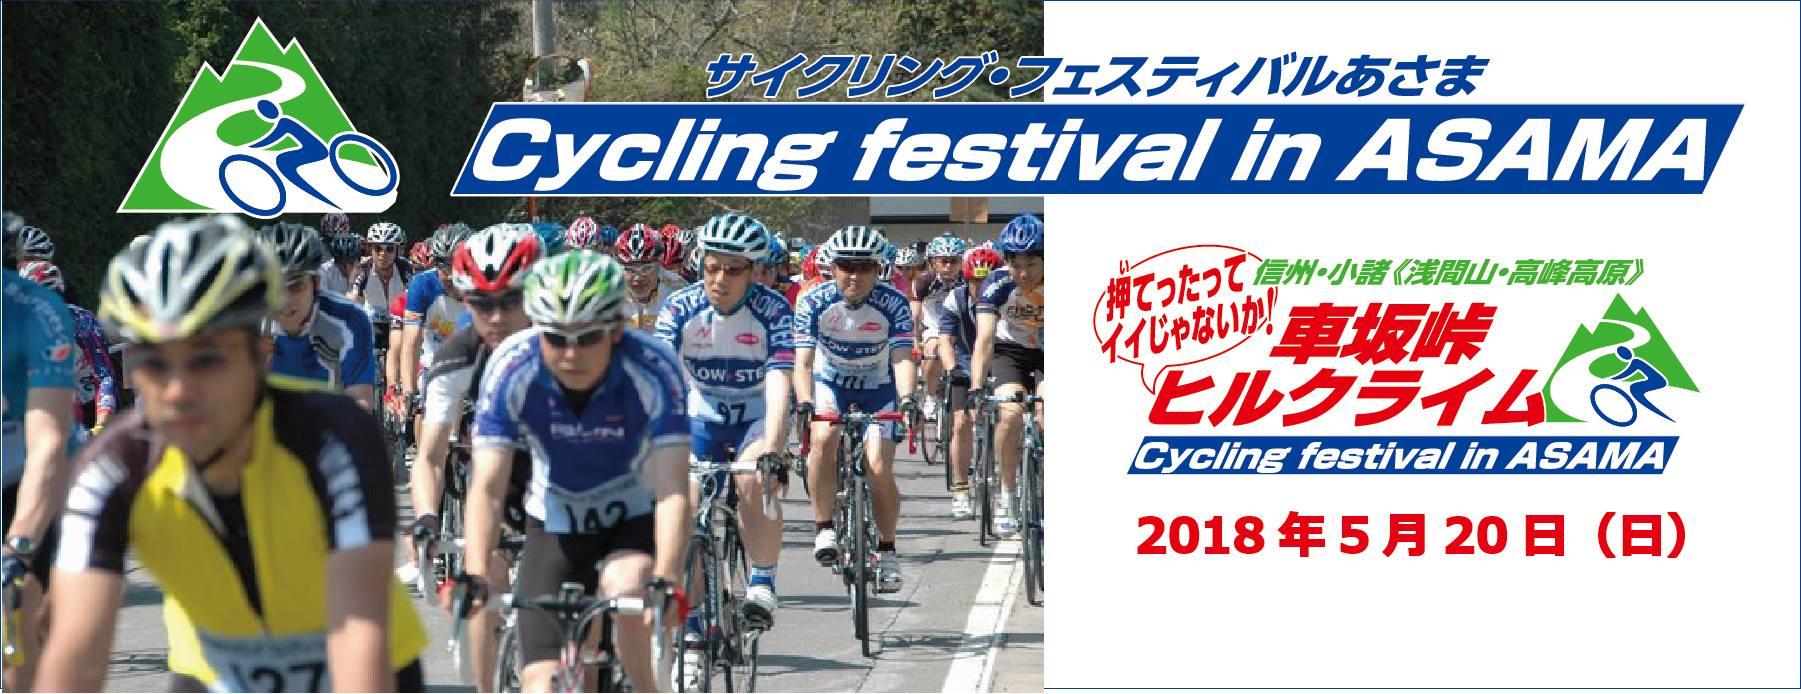 サイクリング・フェスティバルあさま